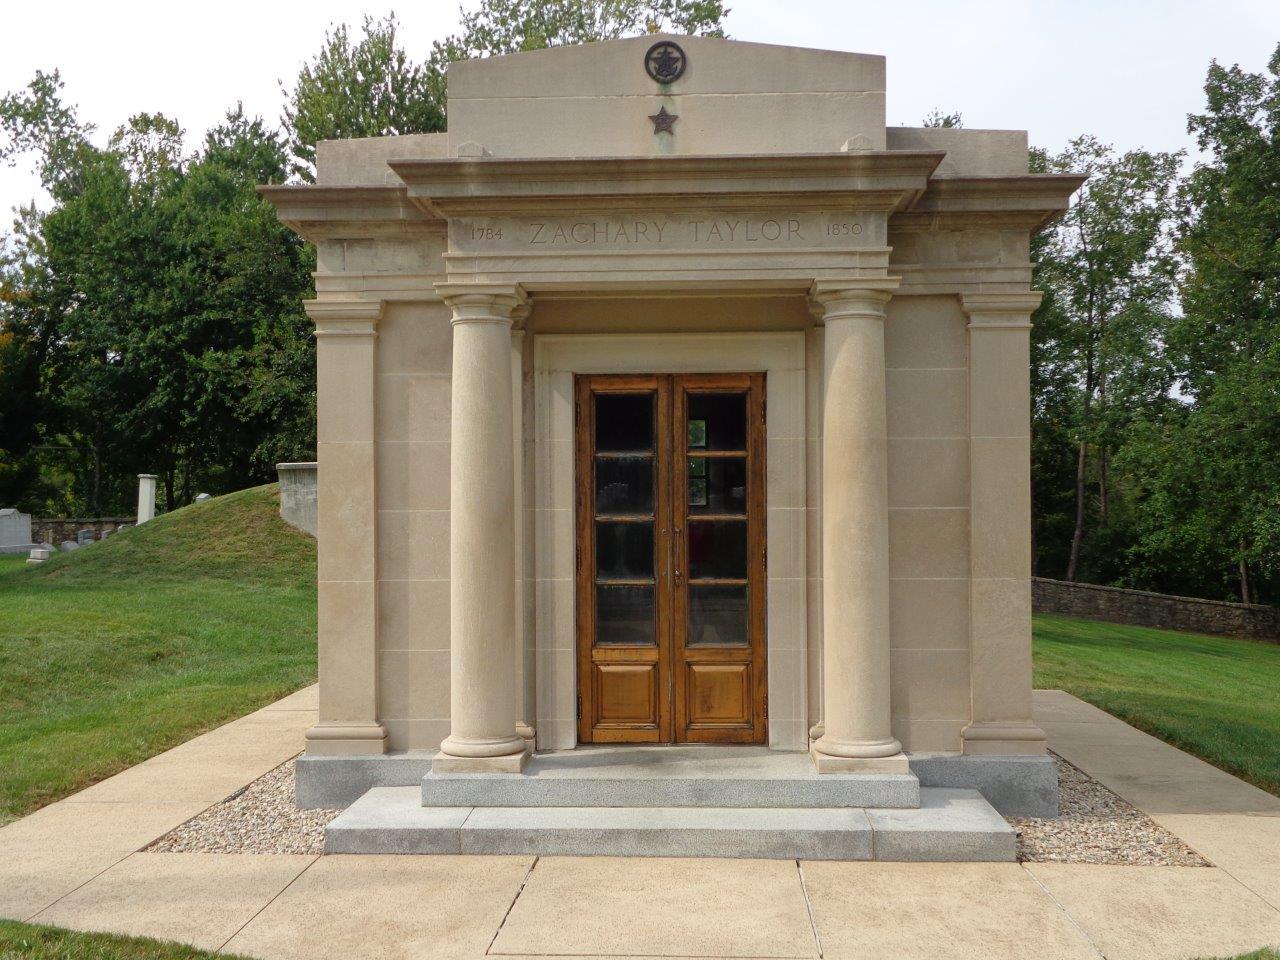 Zachary Taylor mausoleum